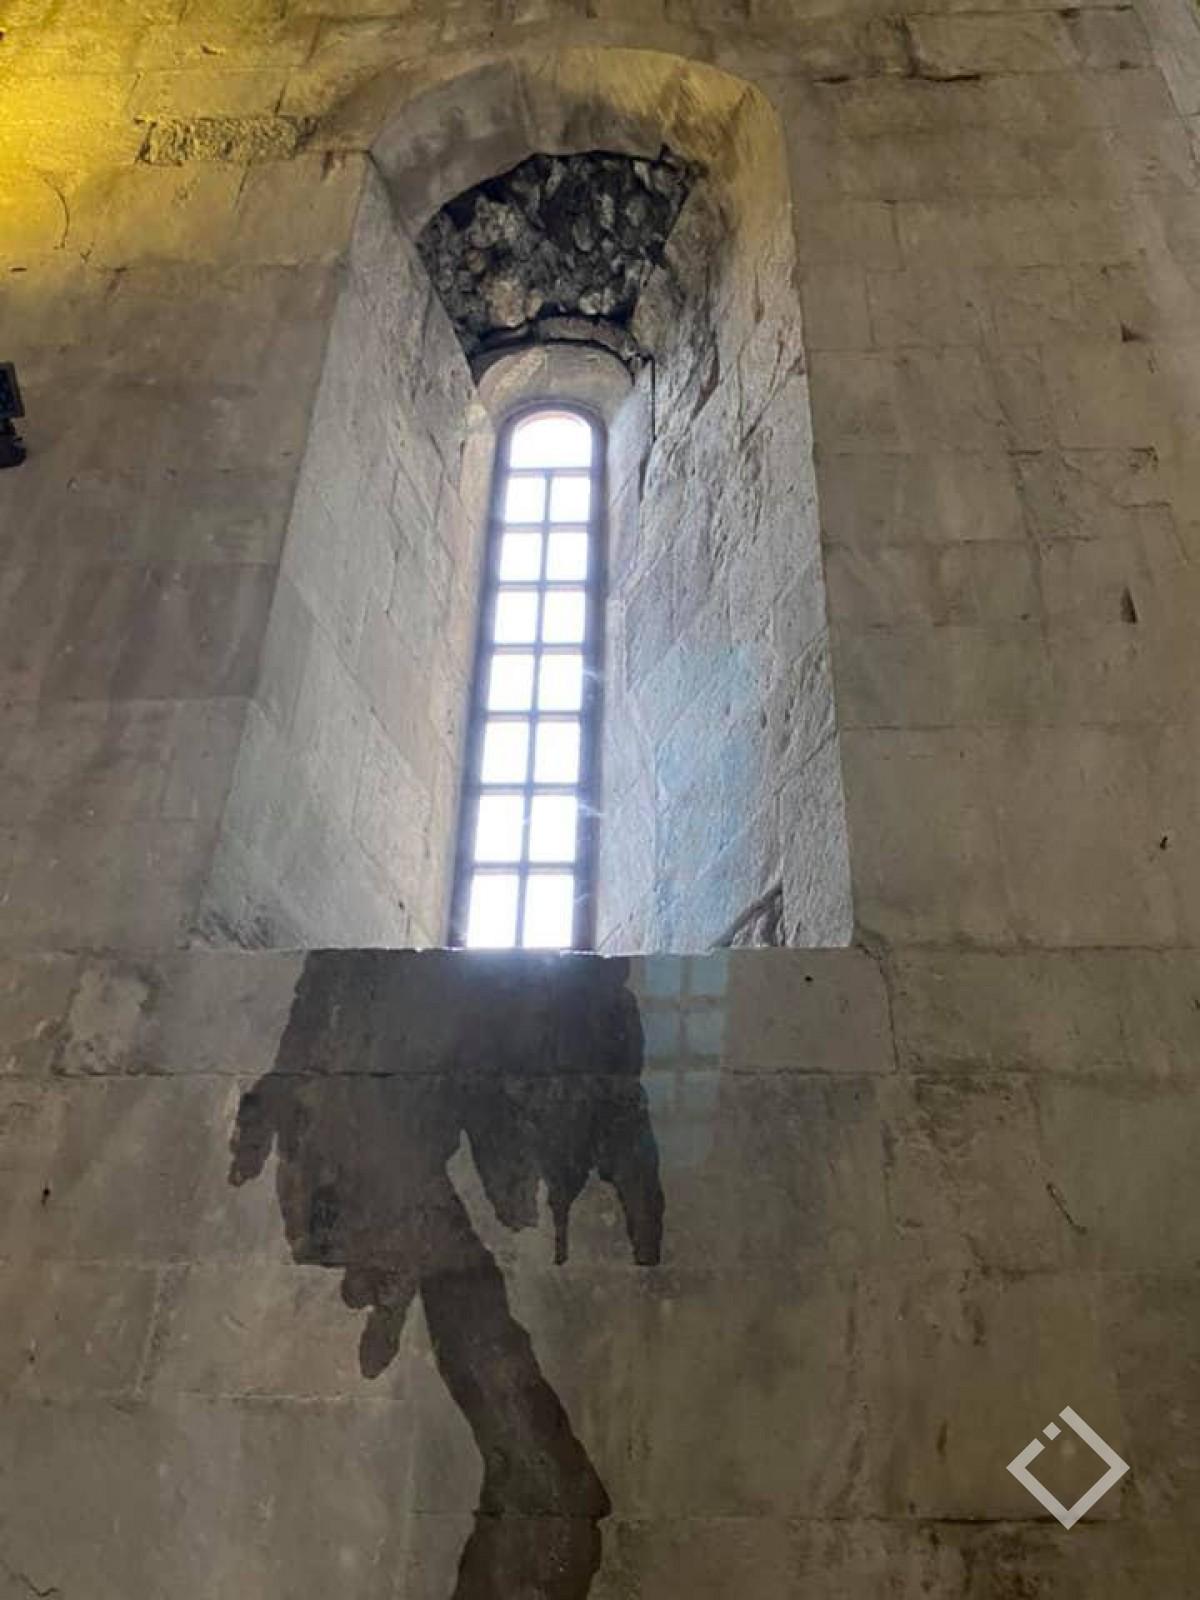 ბაგრატის ტაძარში წყალი ჩადის -ნიკოლოზ ანთიძე